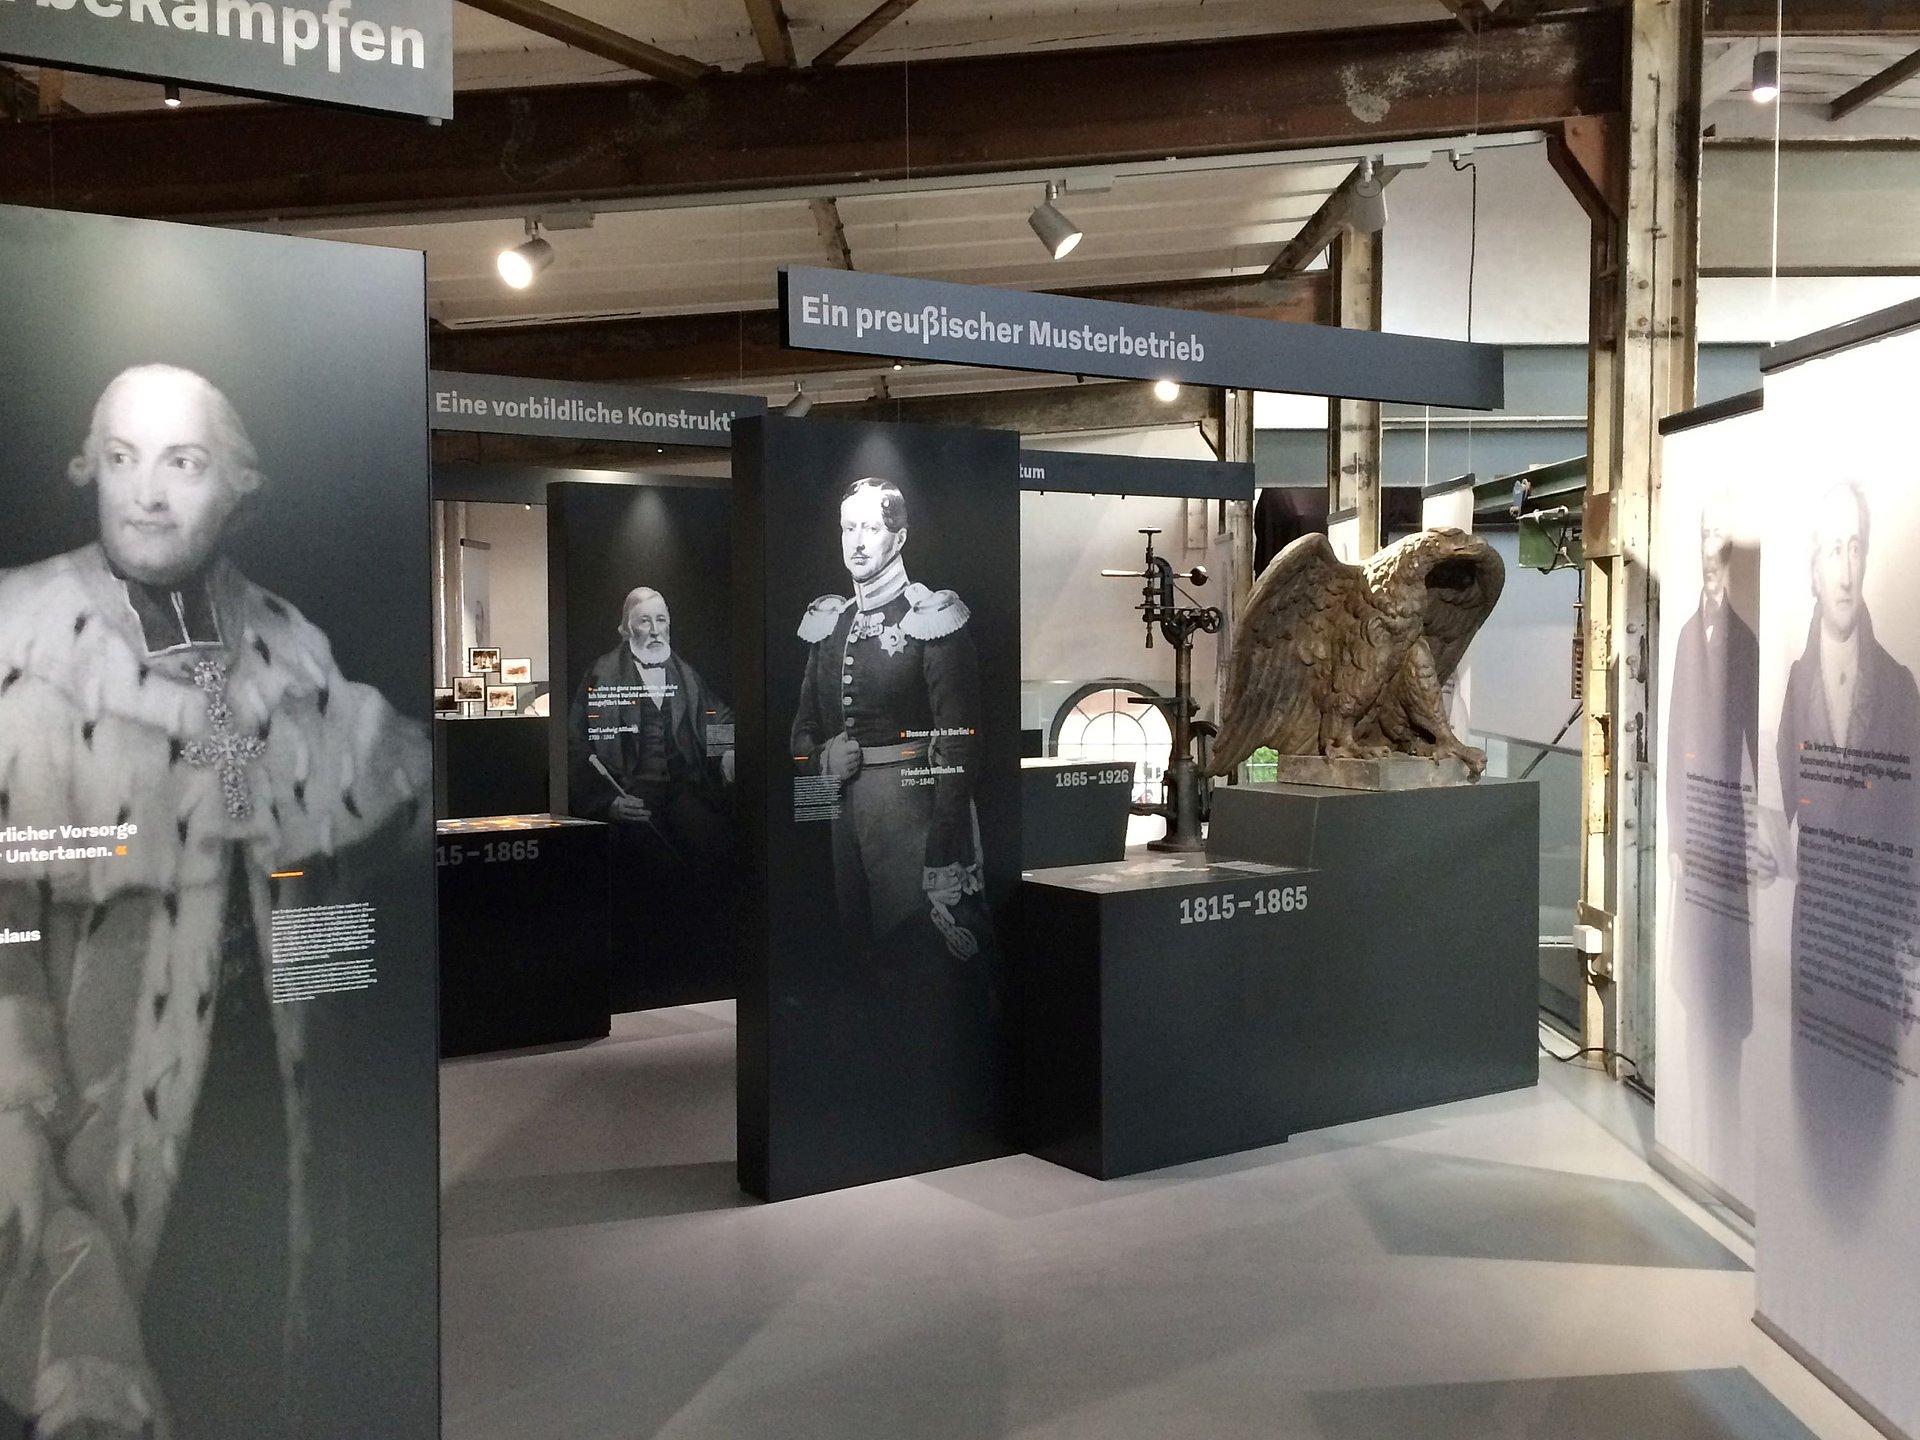 Dauerausstellung in der Krupp'schen Halle, Romantischer Rhein